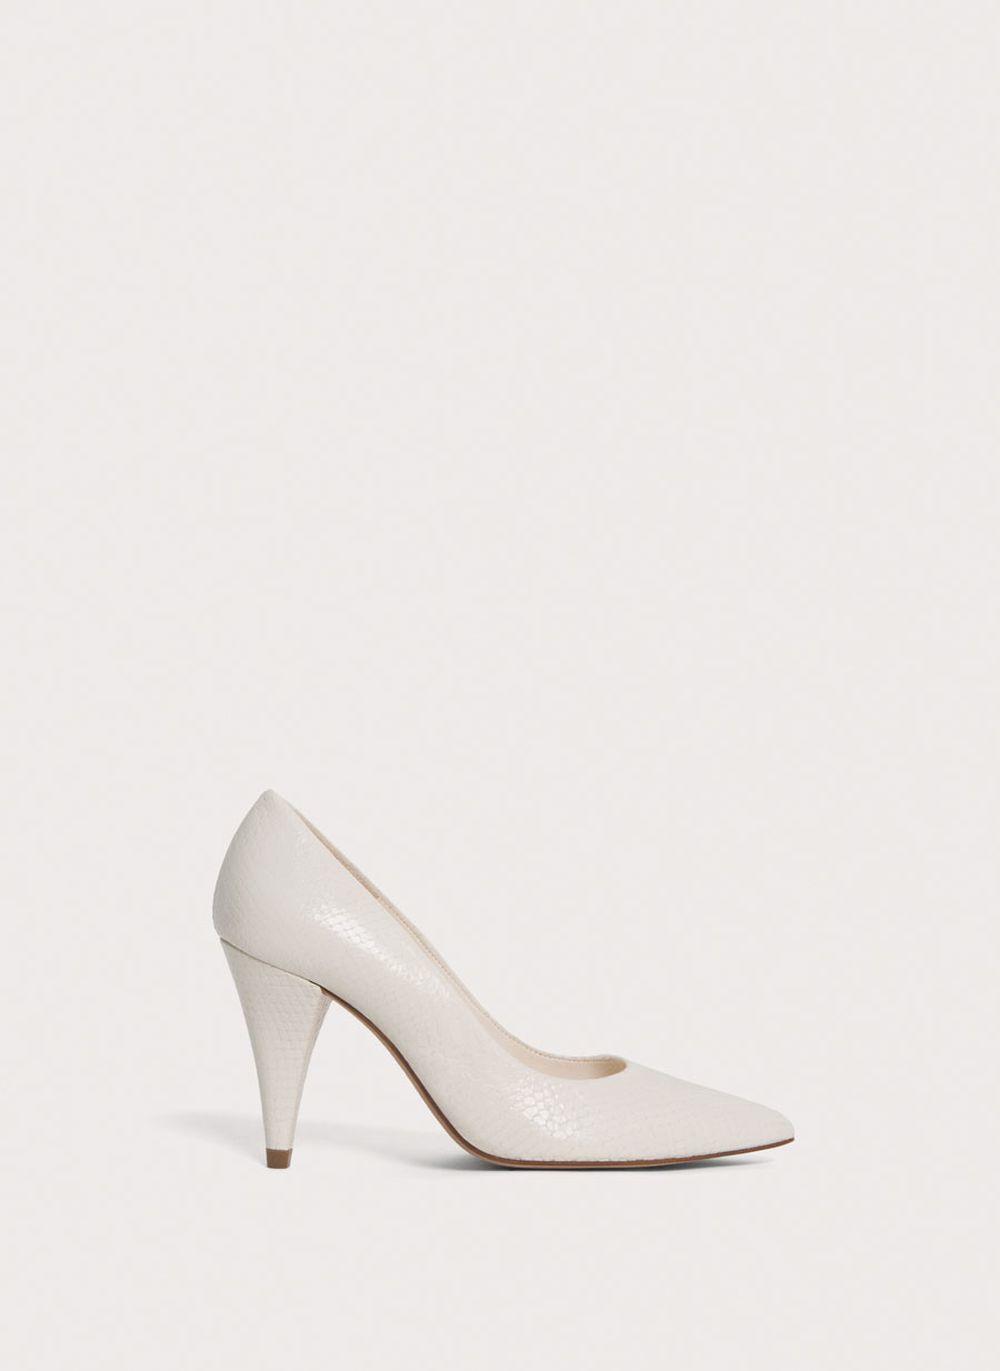 Zapato de punta. De Uterqüe (89 euros).